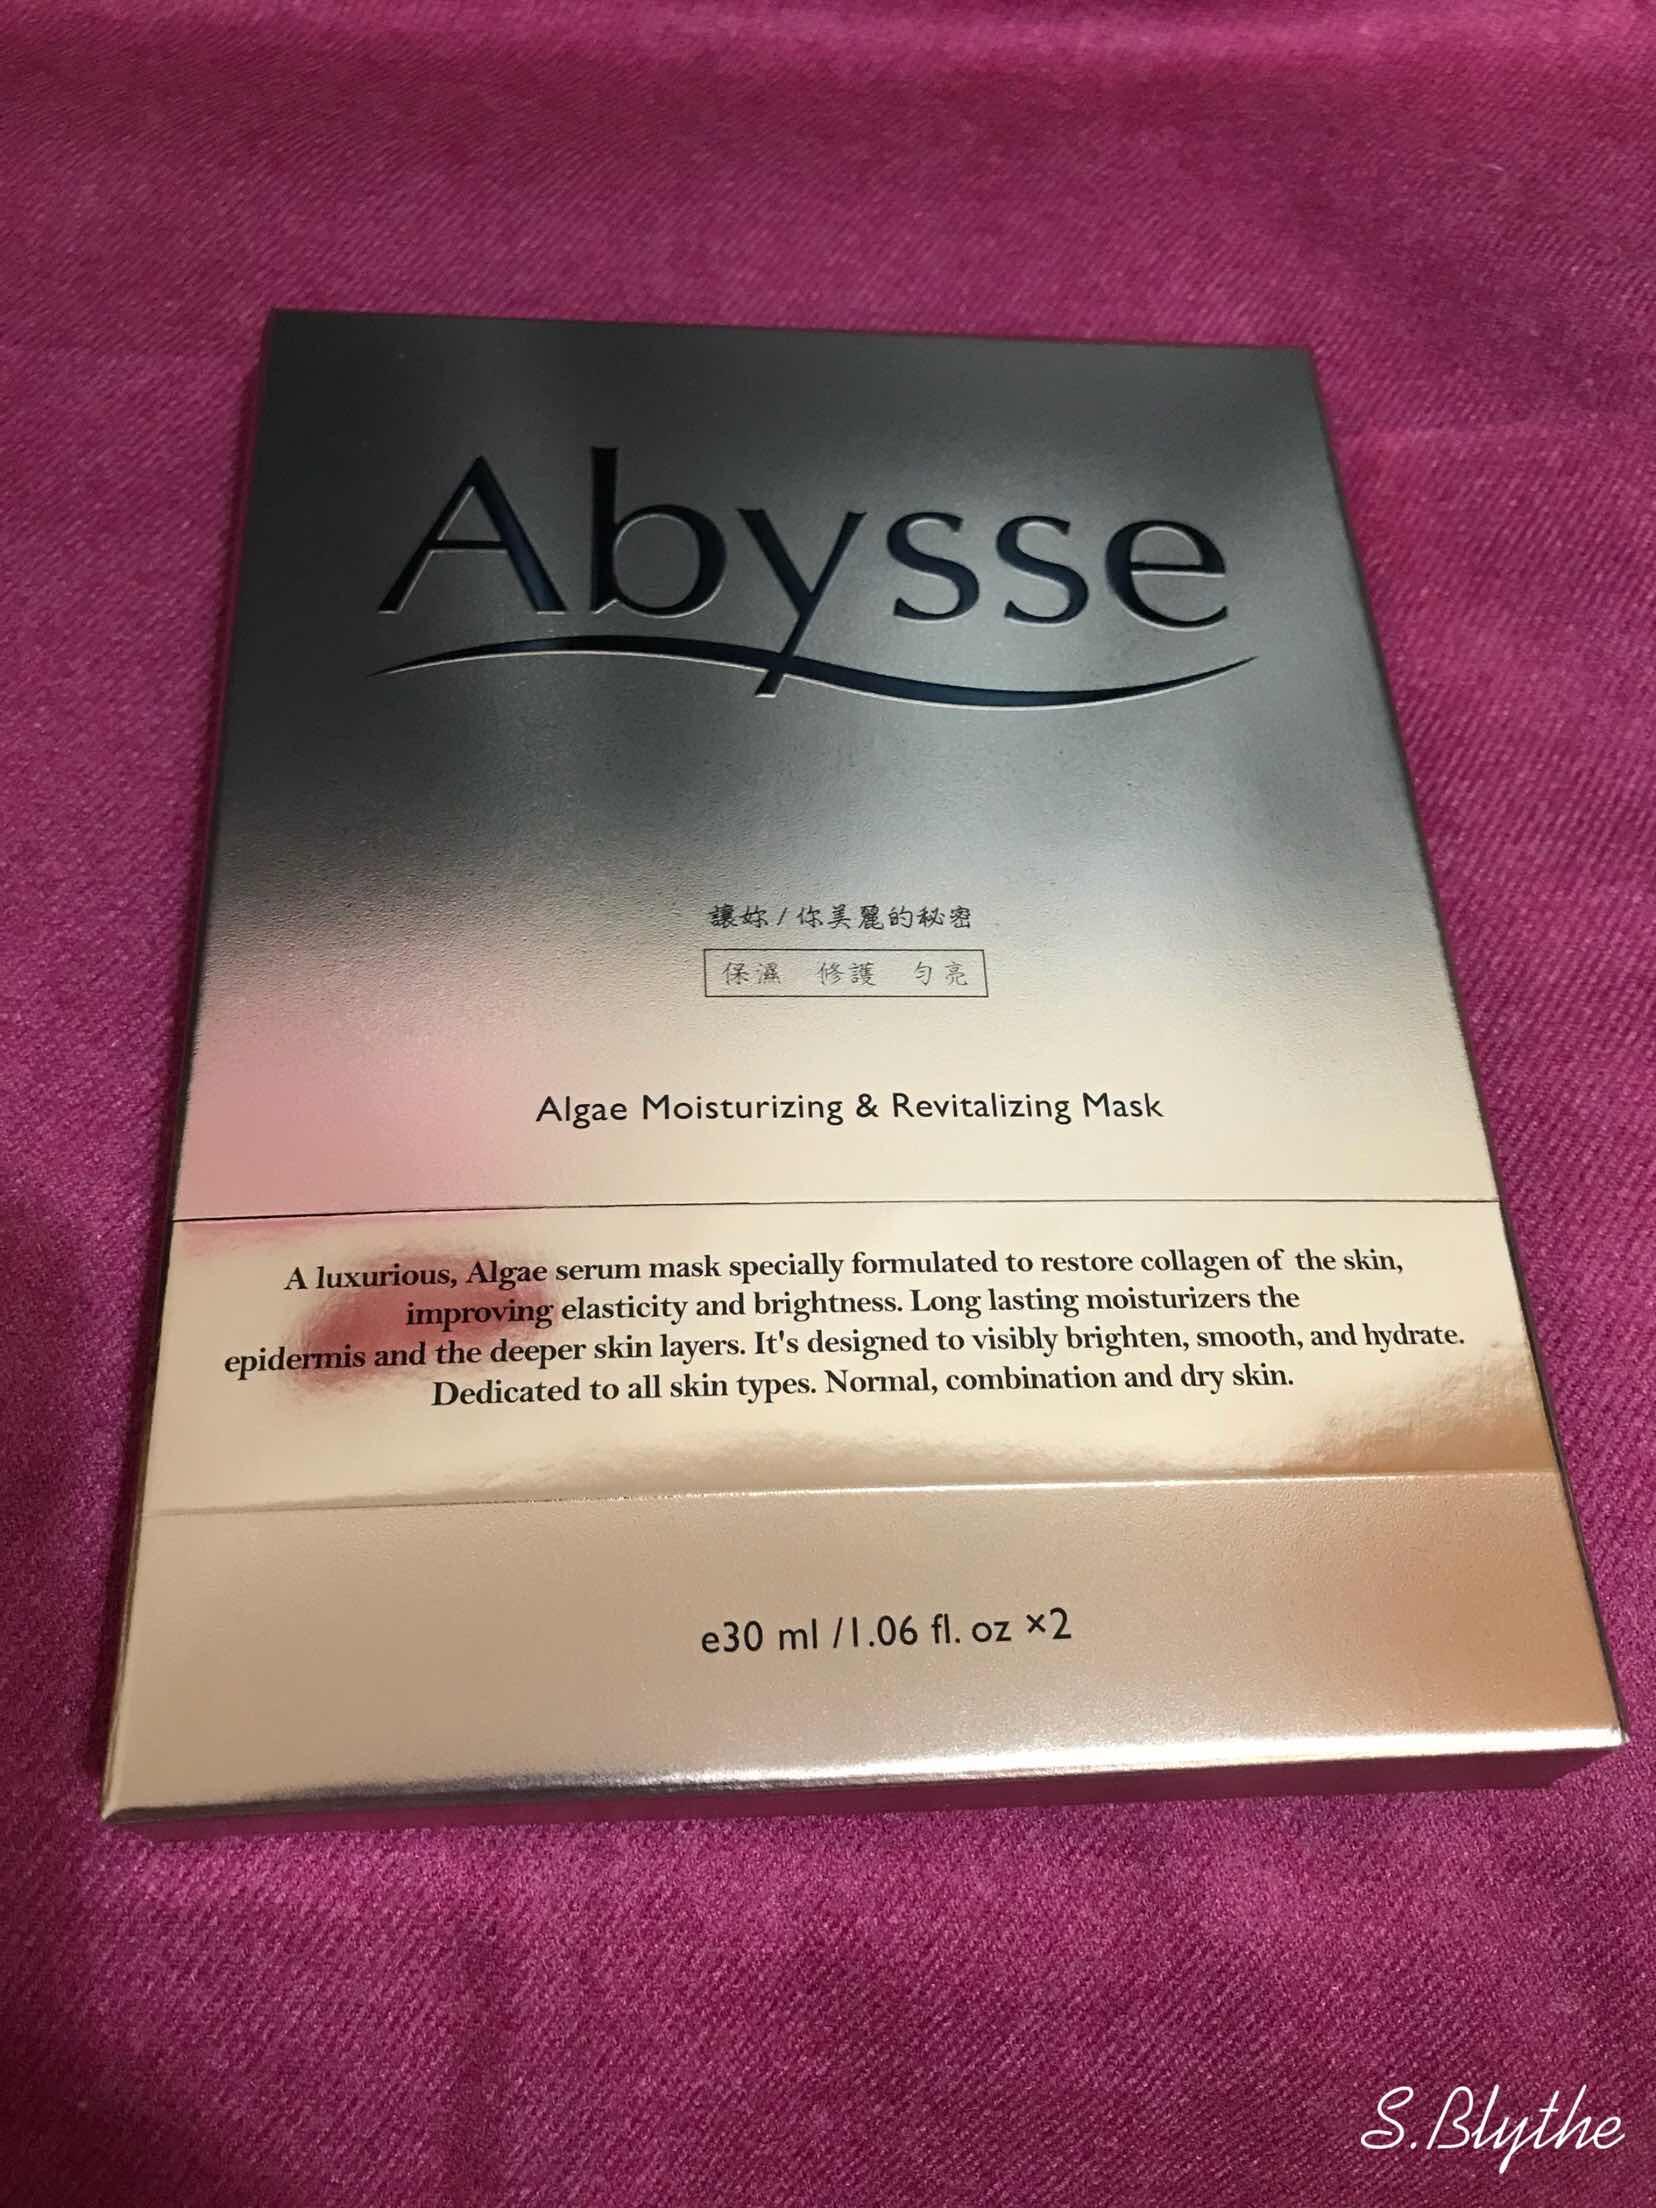 Abysse 黃金藻保濕逆齡多效面膜,獨一無二,成就美肌傳奇